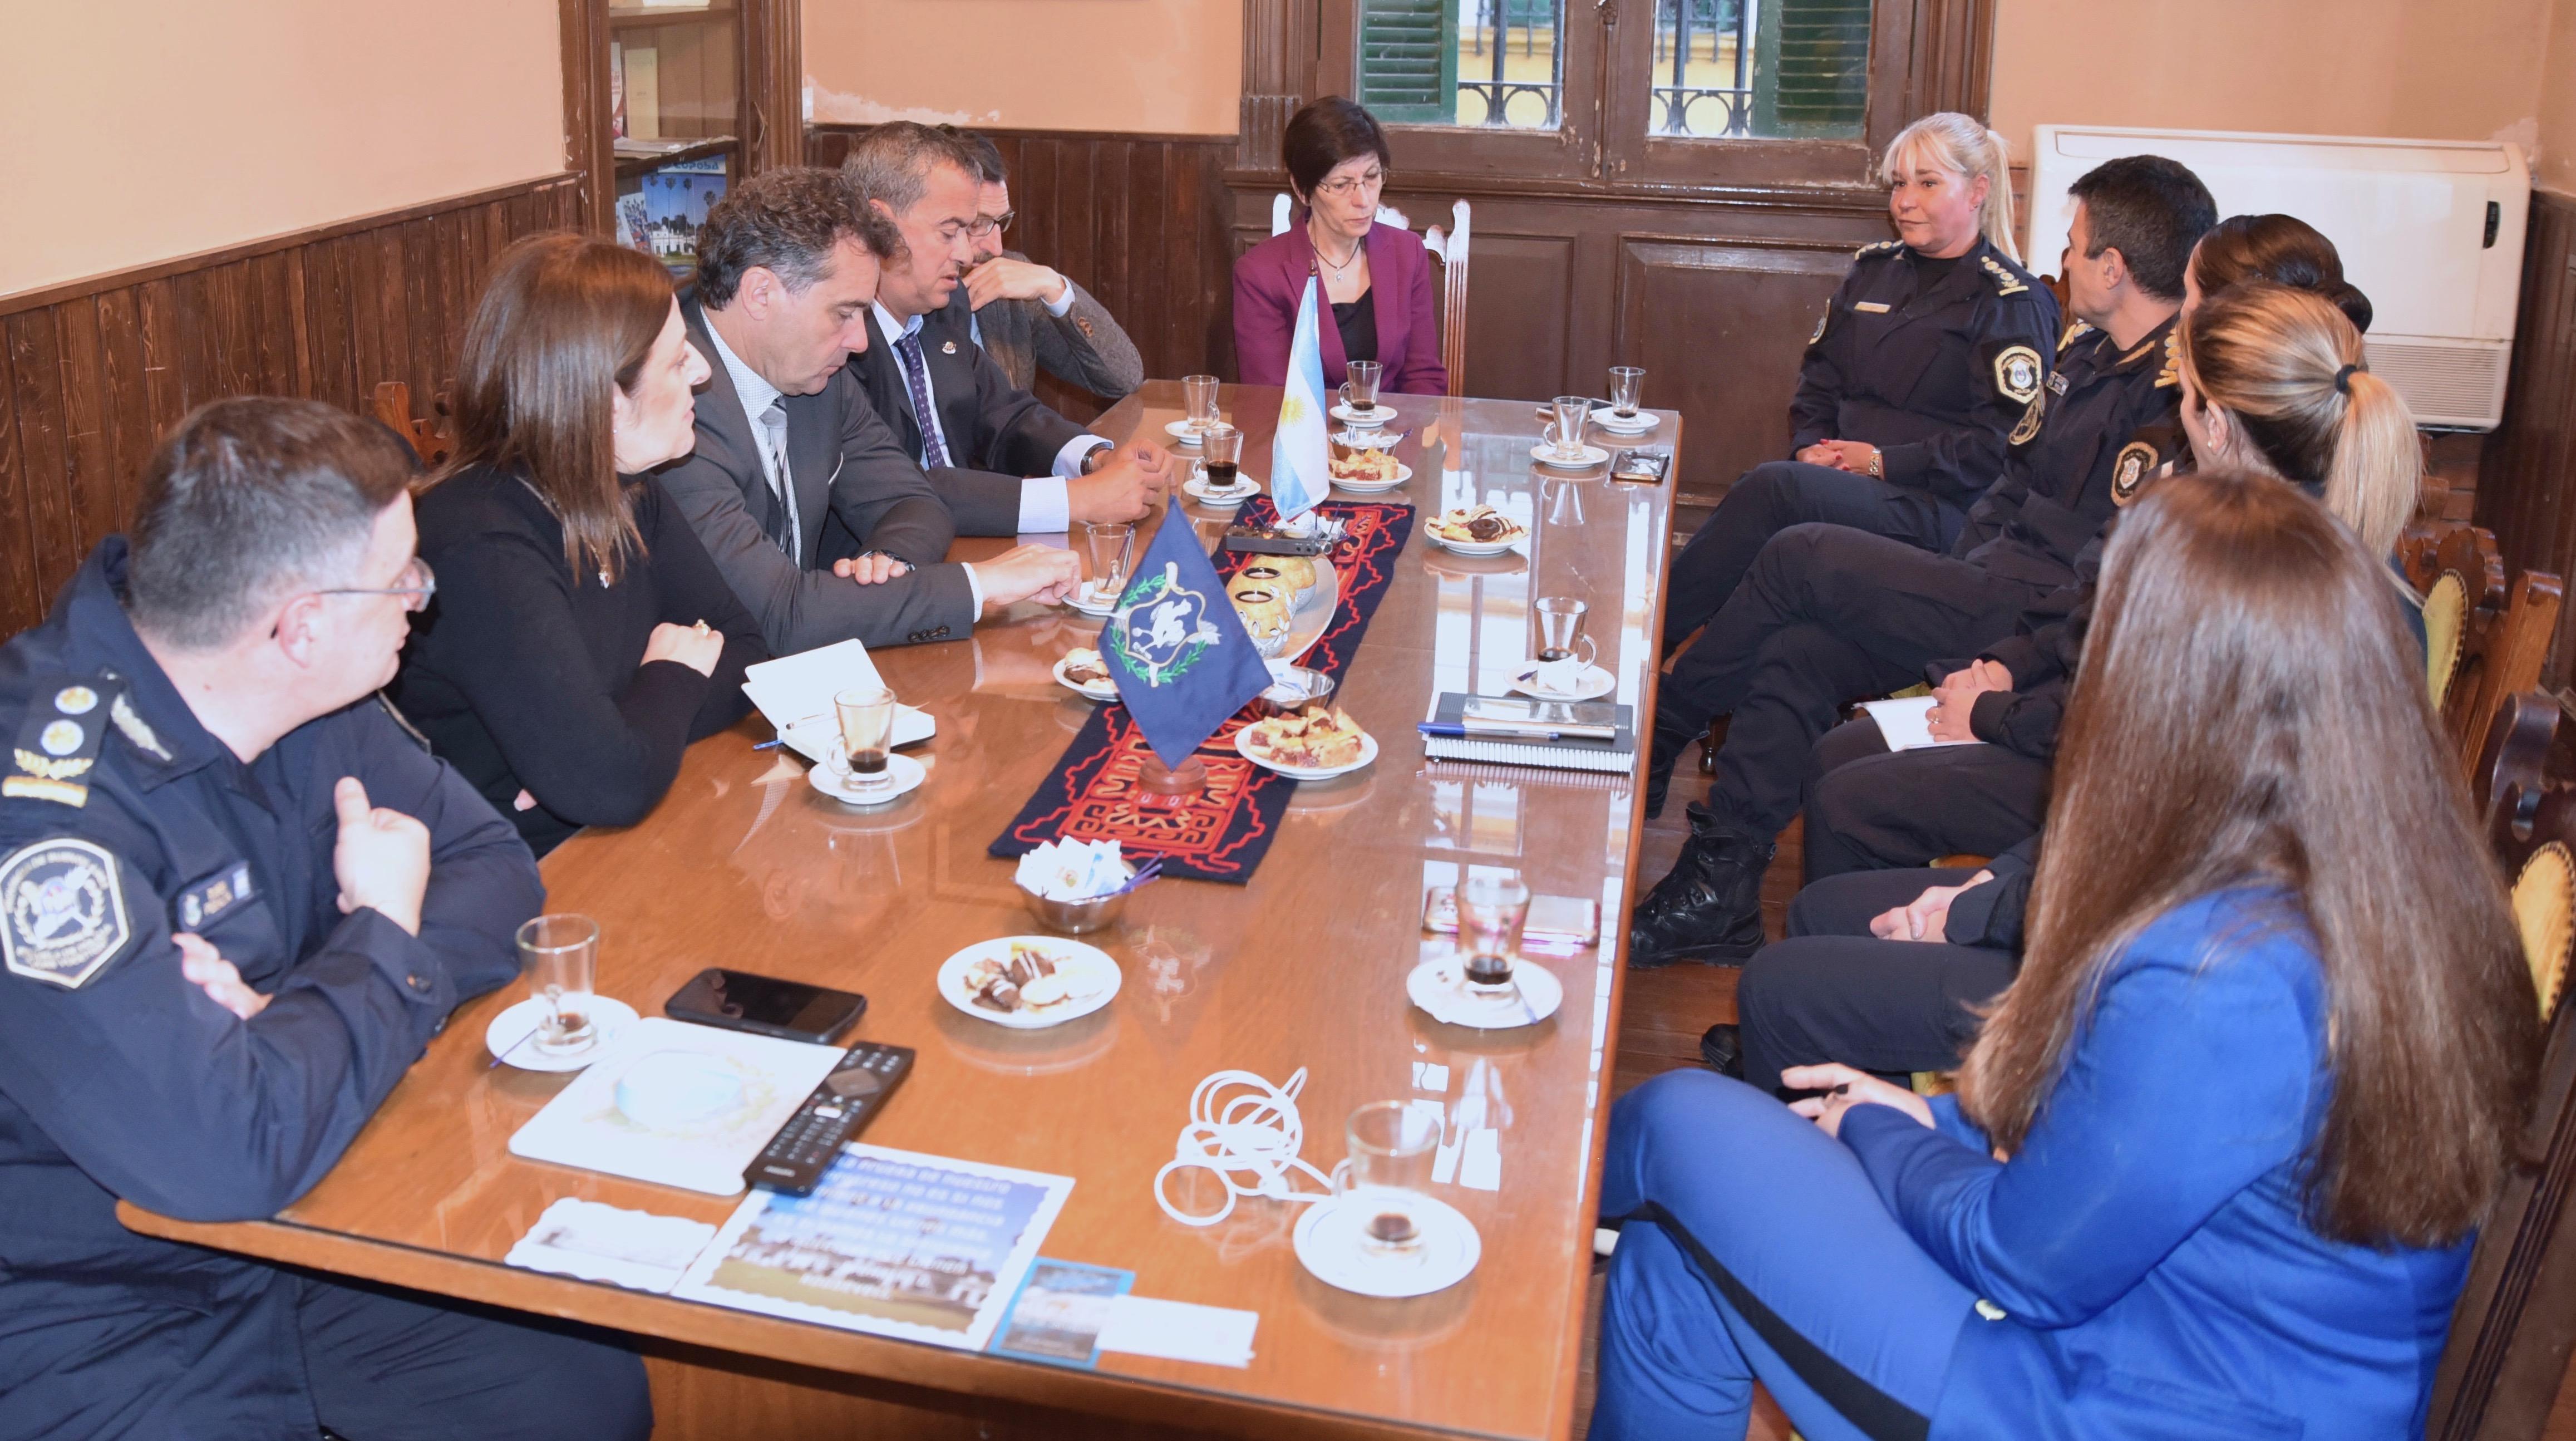 La Consejera de Seguridad visita los centros de formación policial de la Provincia de Buenos Aires